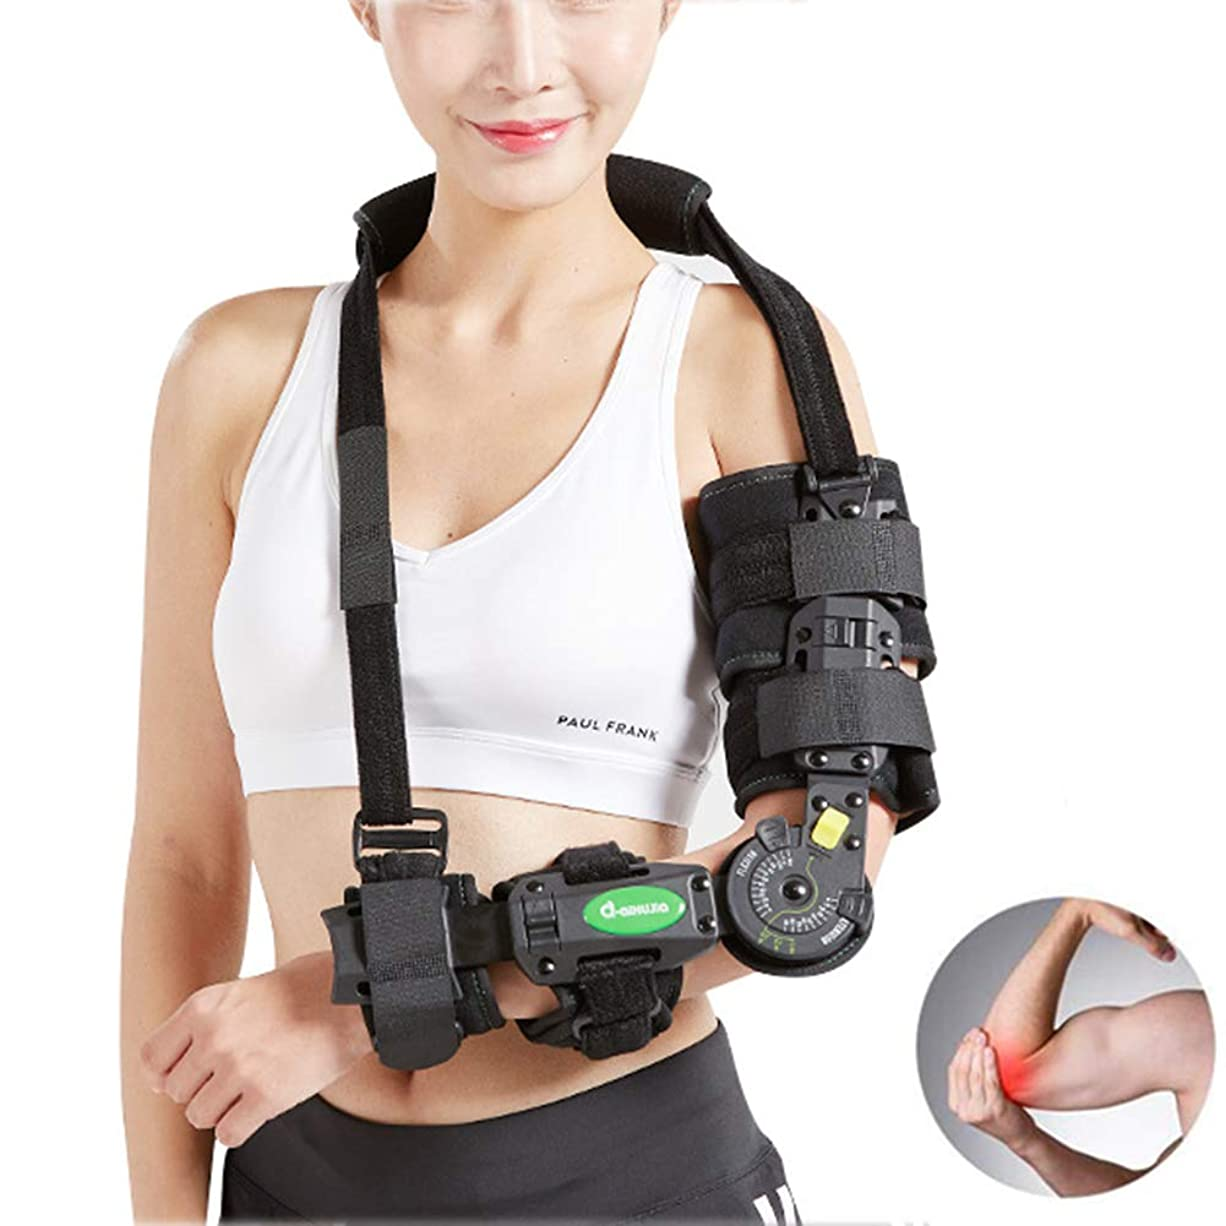 アデレード匹敵しますエンジニア調整可能なアームスリングヒンジ付き肘ブレースサポート、術前?術後支援サポート&骨折した腕の上昇、外傷回復、腕固定ワンサイズ - ユニセックス